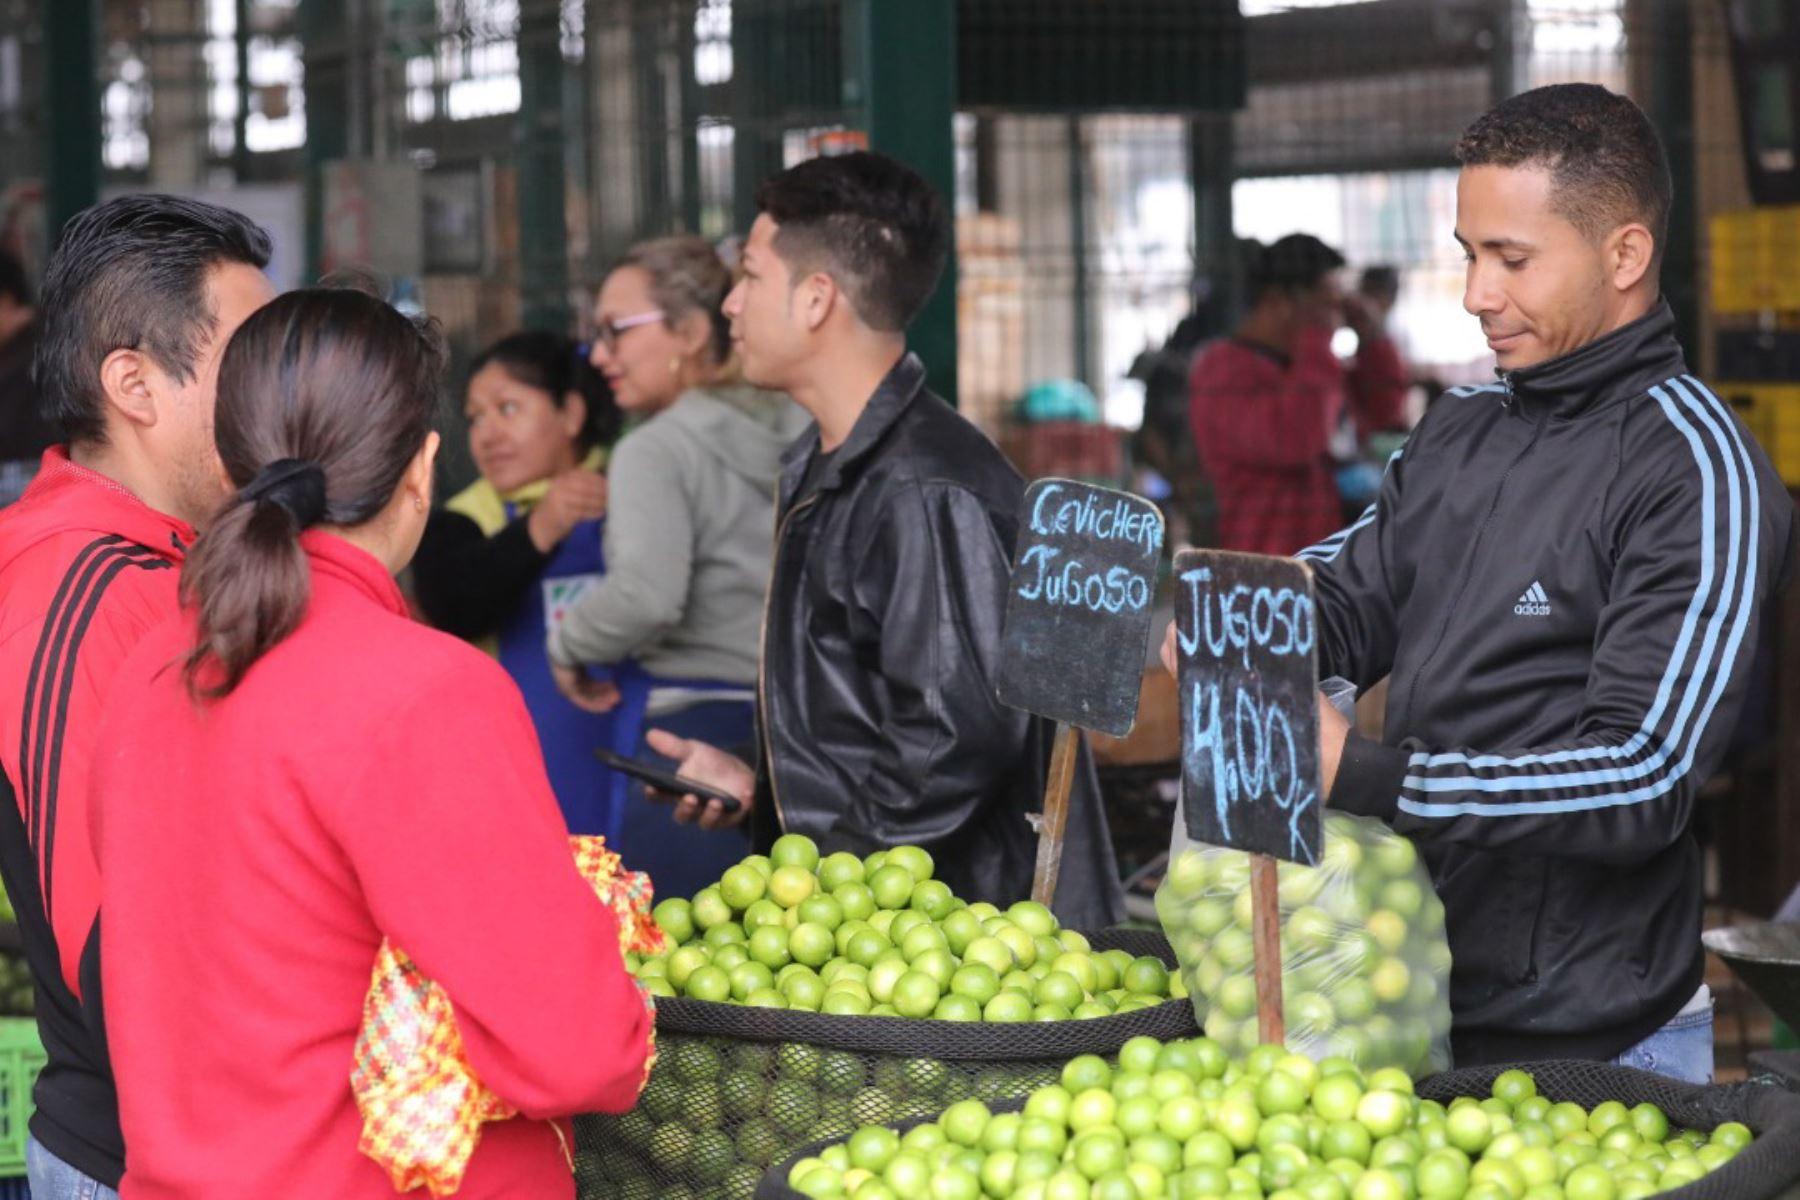 Mayoristas del giro del limón han optado por traer a Lima limón desde Tumbes, Piura y Lambayeque. Foto: MML